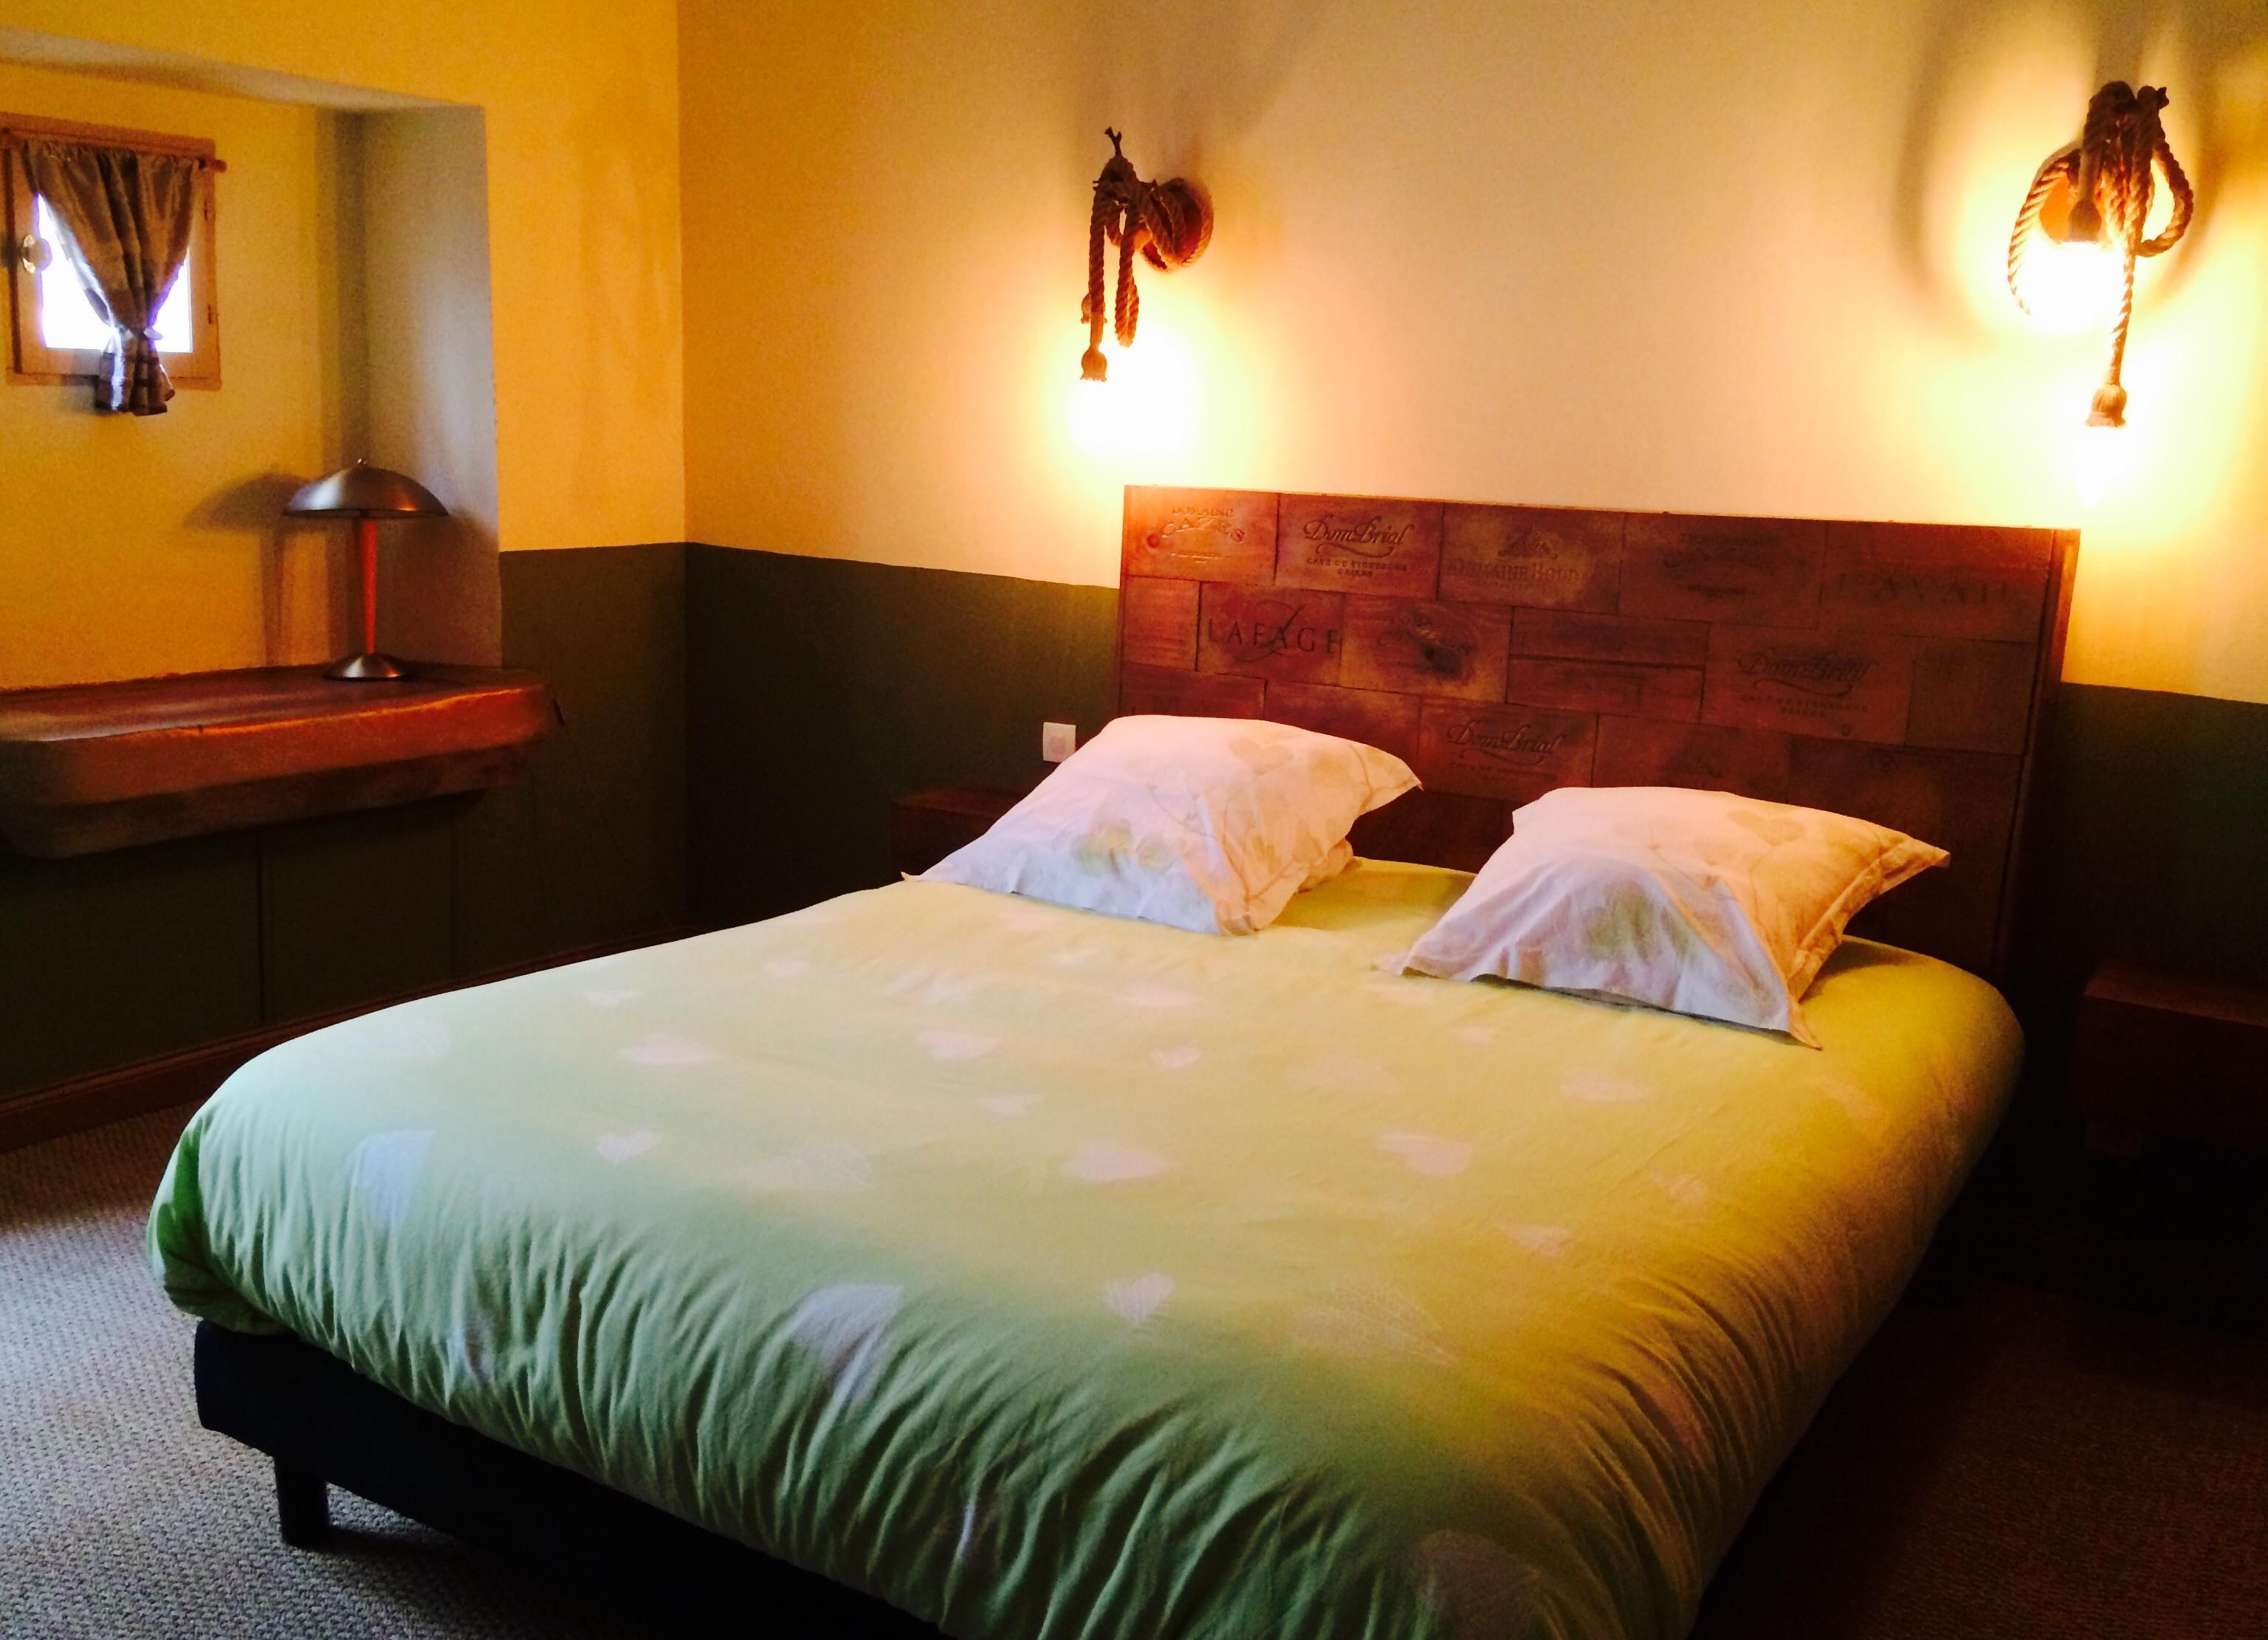 Location chambre d 39 h te sur rivesaltes latourduterroir - Chambre d hote chatillon sur chalaronne ...